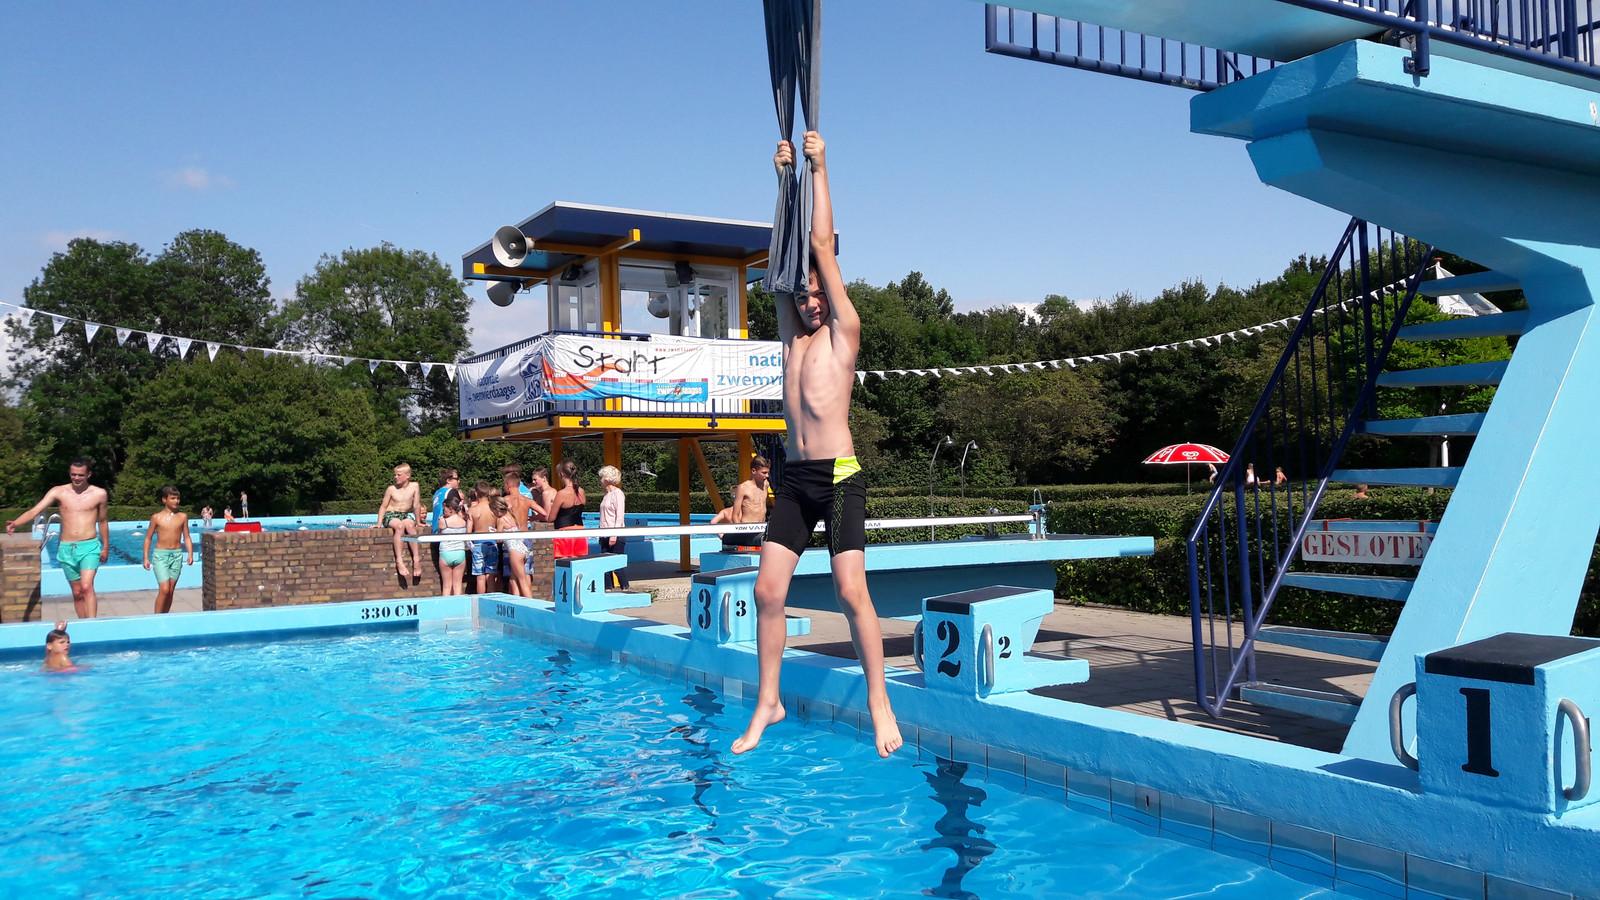 Arco Houtman doet een poging om zijn record spijkerbroekhangen te verbeteren tijdens de spelletjesmiddag in zwembad Den Inkel.